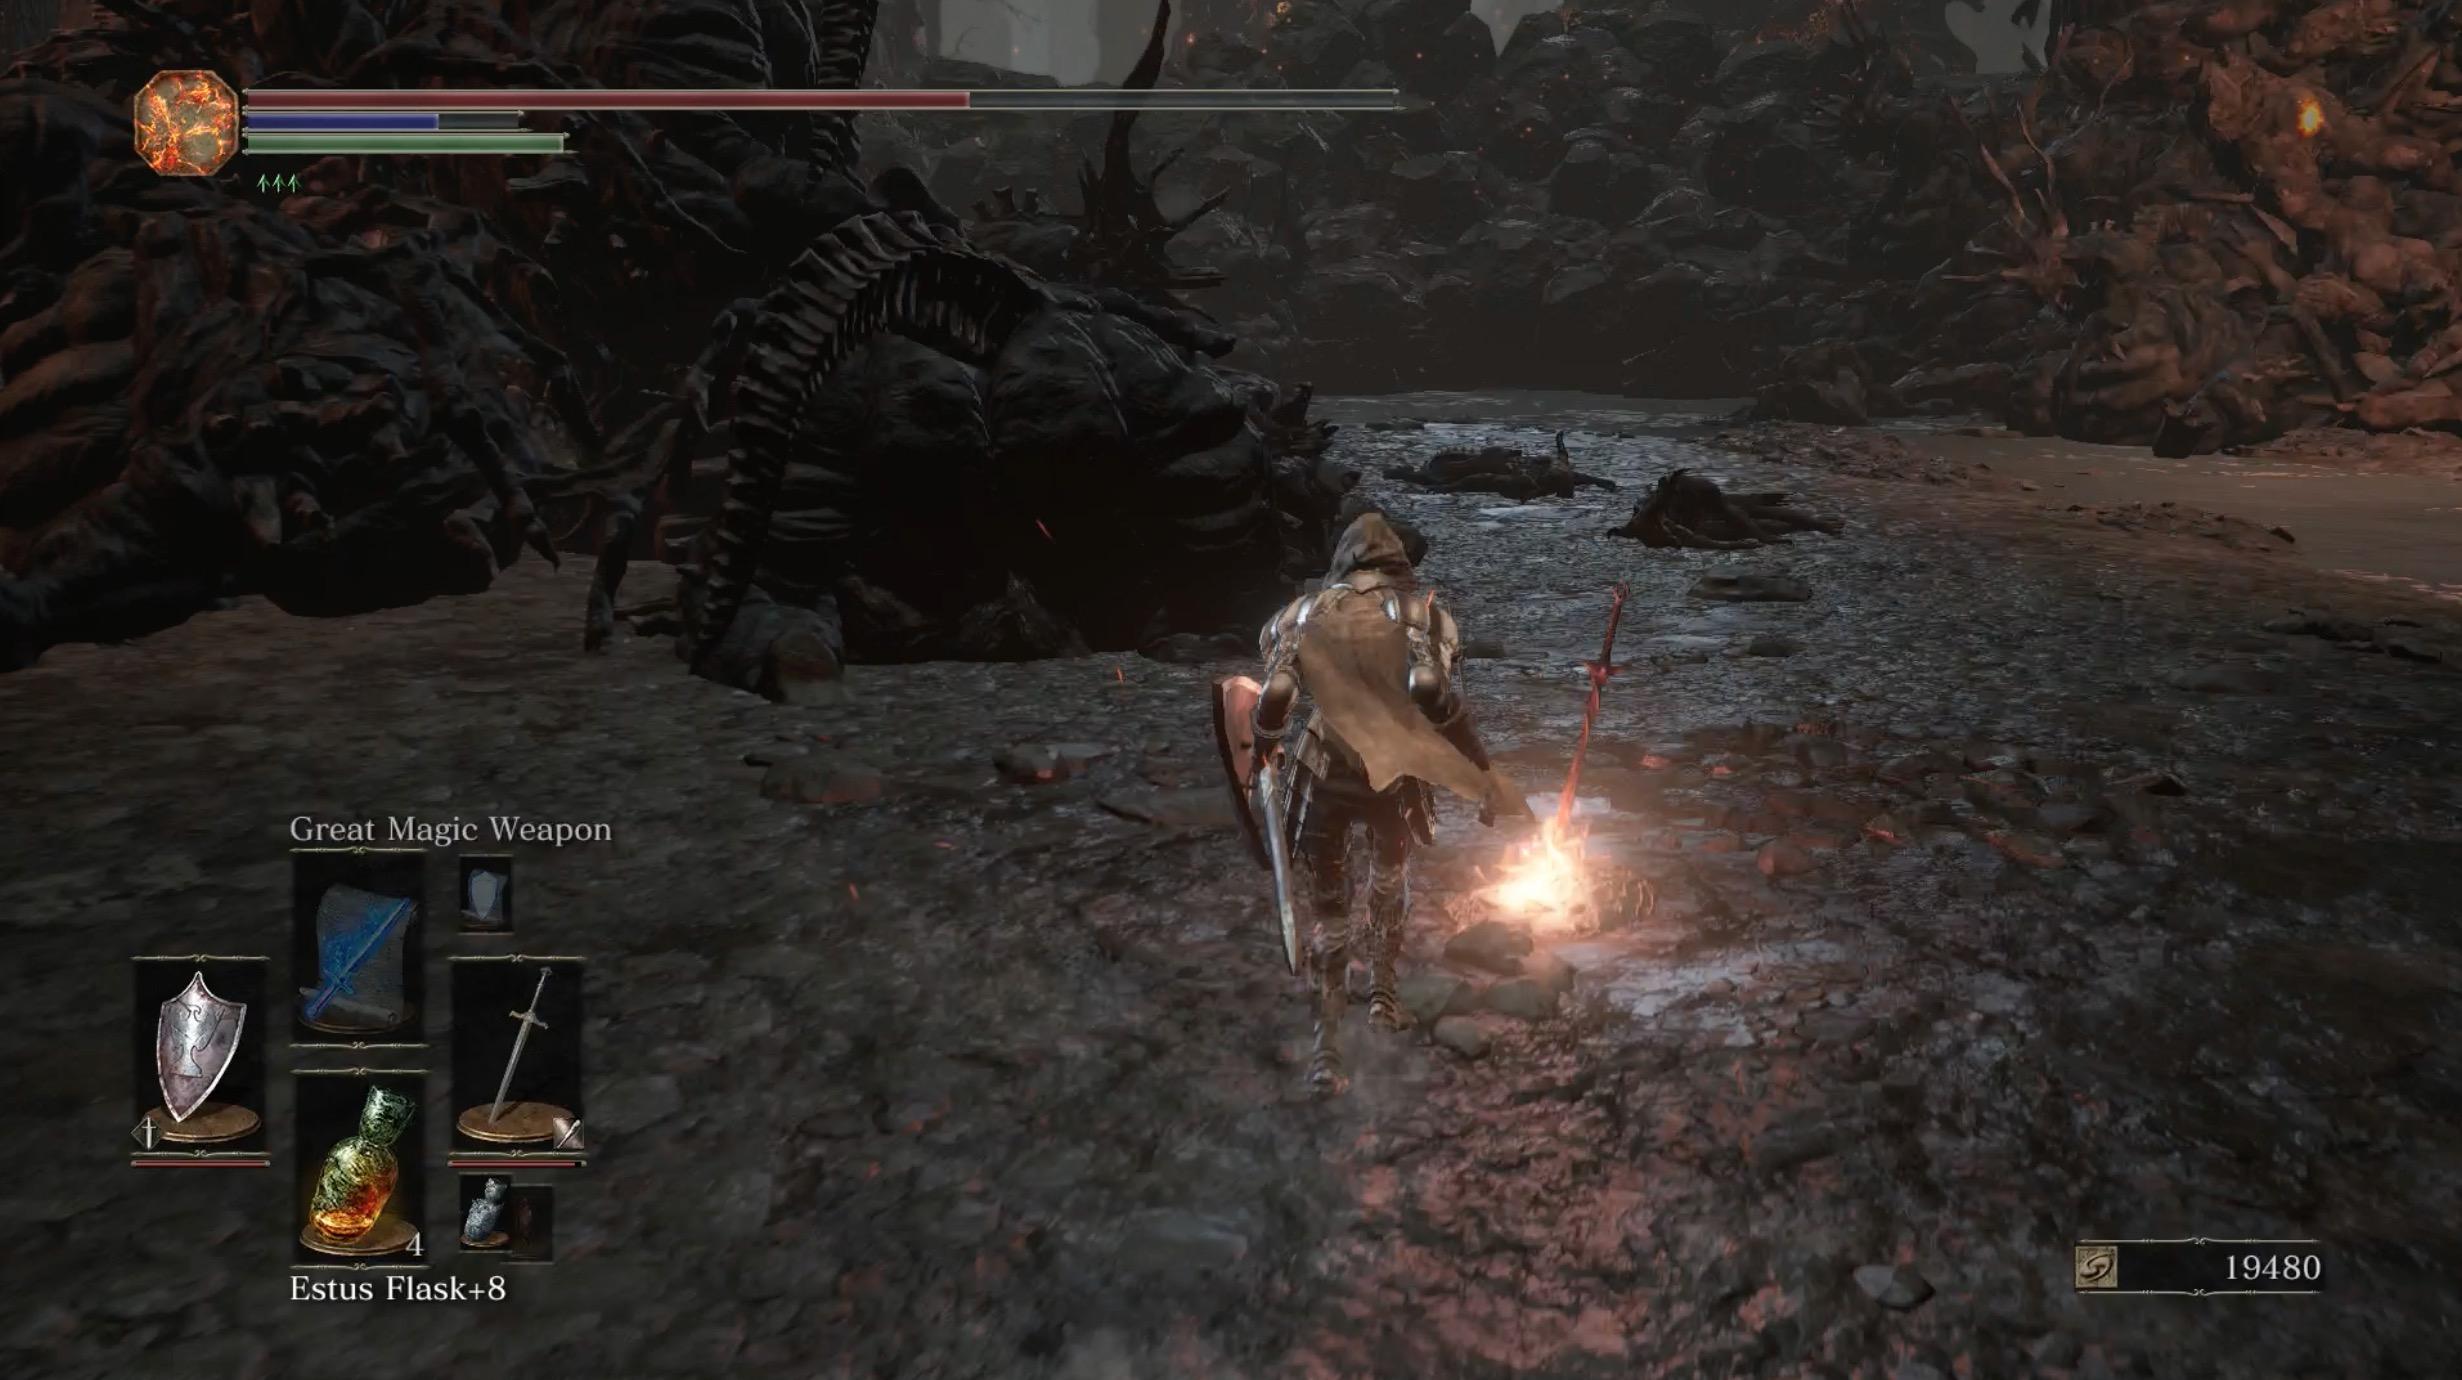 Dark Souls 3: Smouldering Lake walkthrough - Polygon on